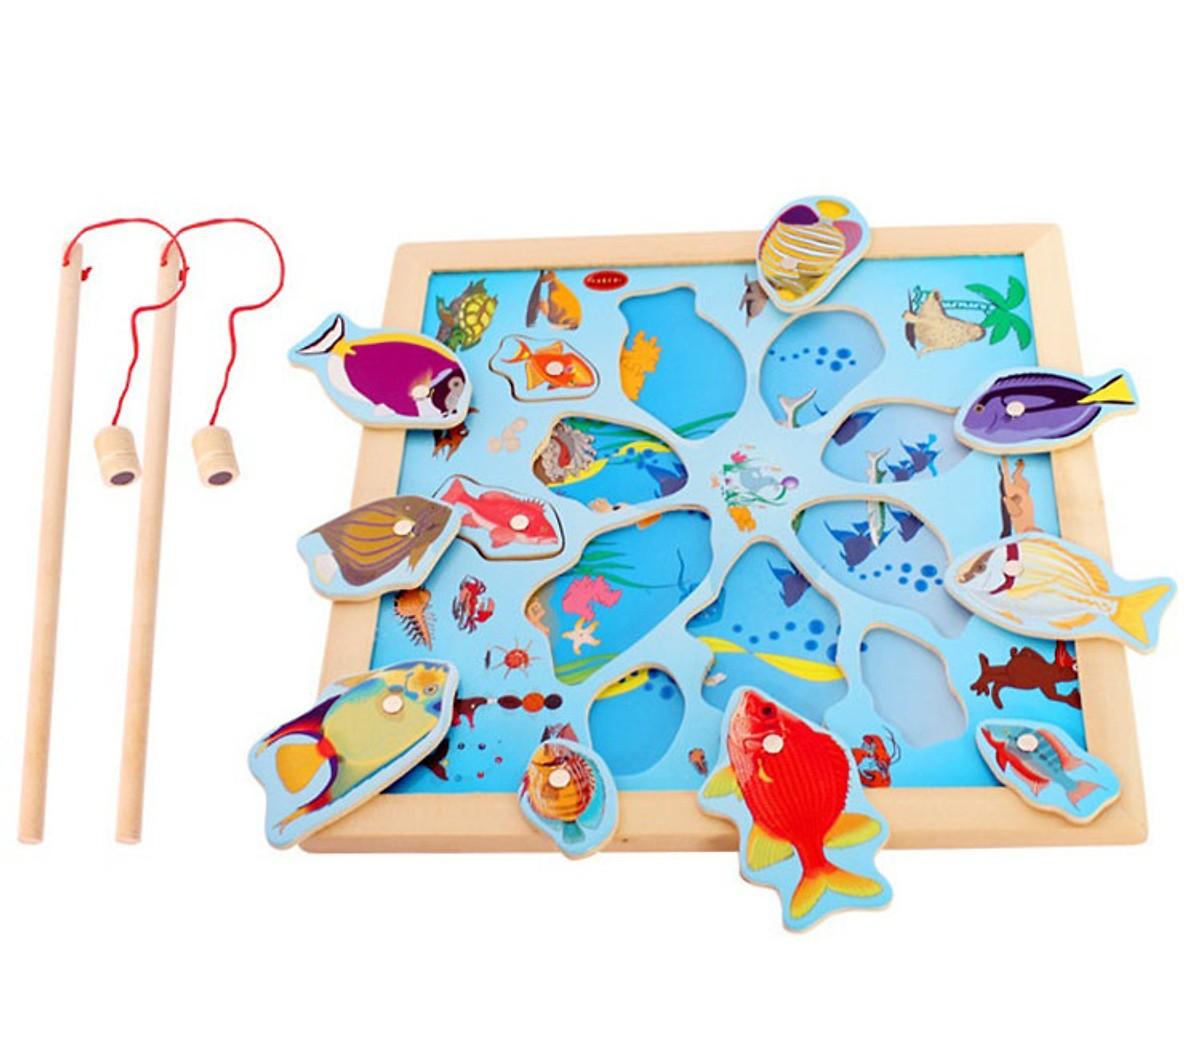 Đồ chơi câu cá 2 cần bằng gỗ PN- đồ chơi trí tuệ